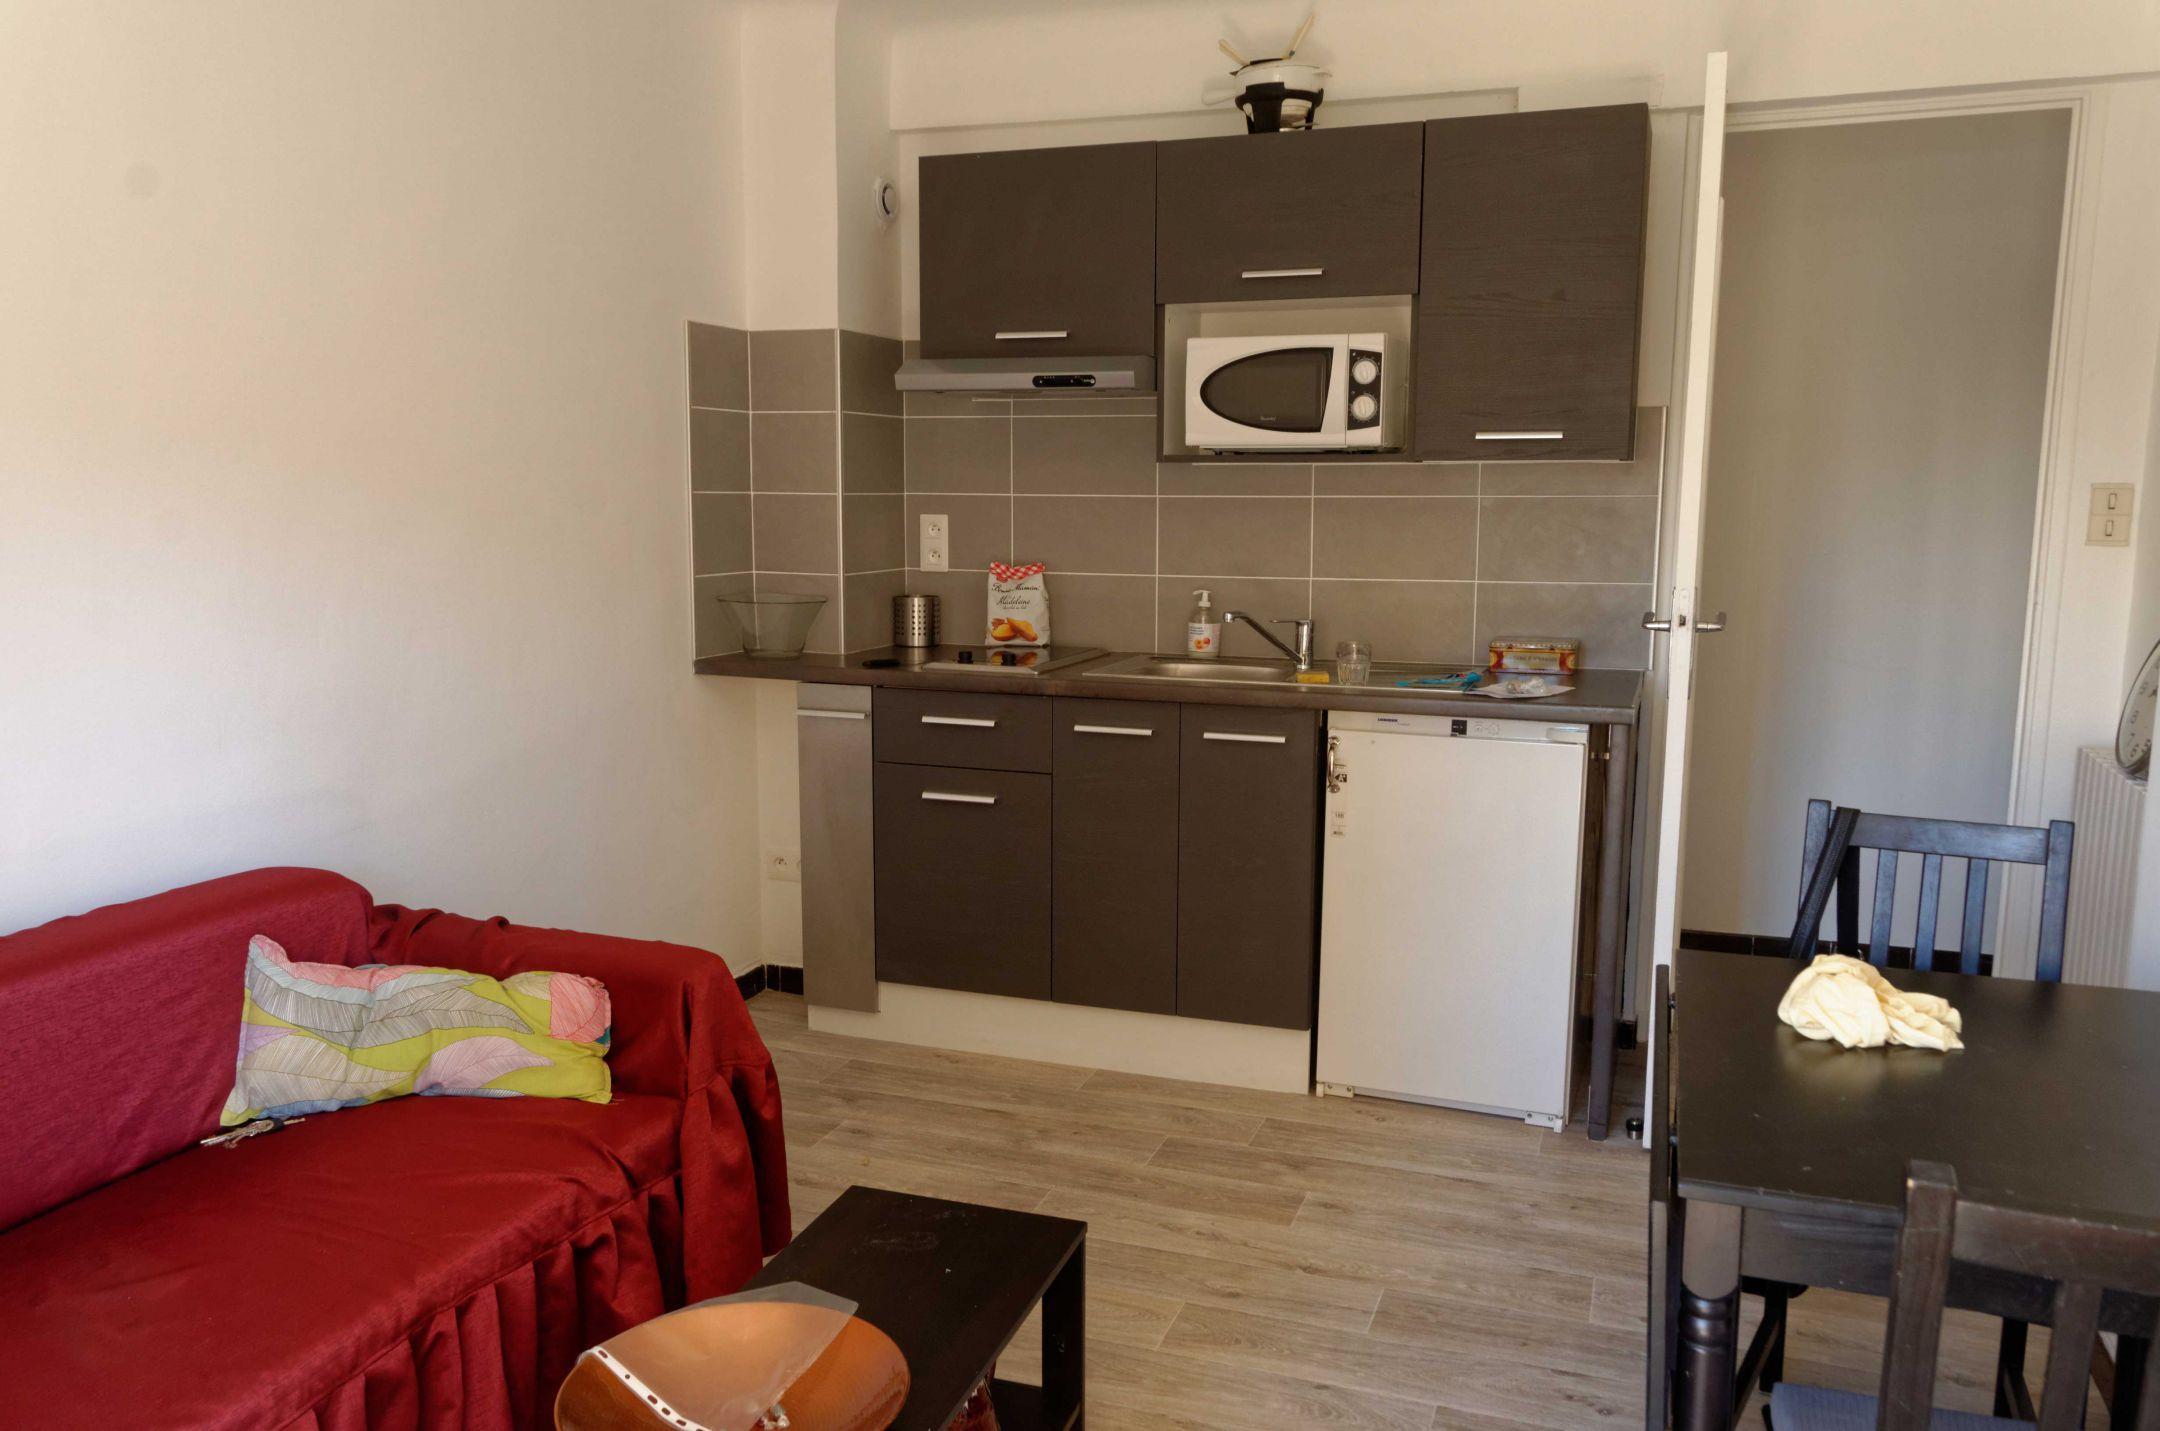 rnovation d un appartement meubl sur aix en provence accueil nos ralisations rnovation d un appartement meubl sur aix en provence